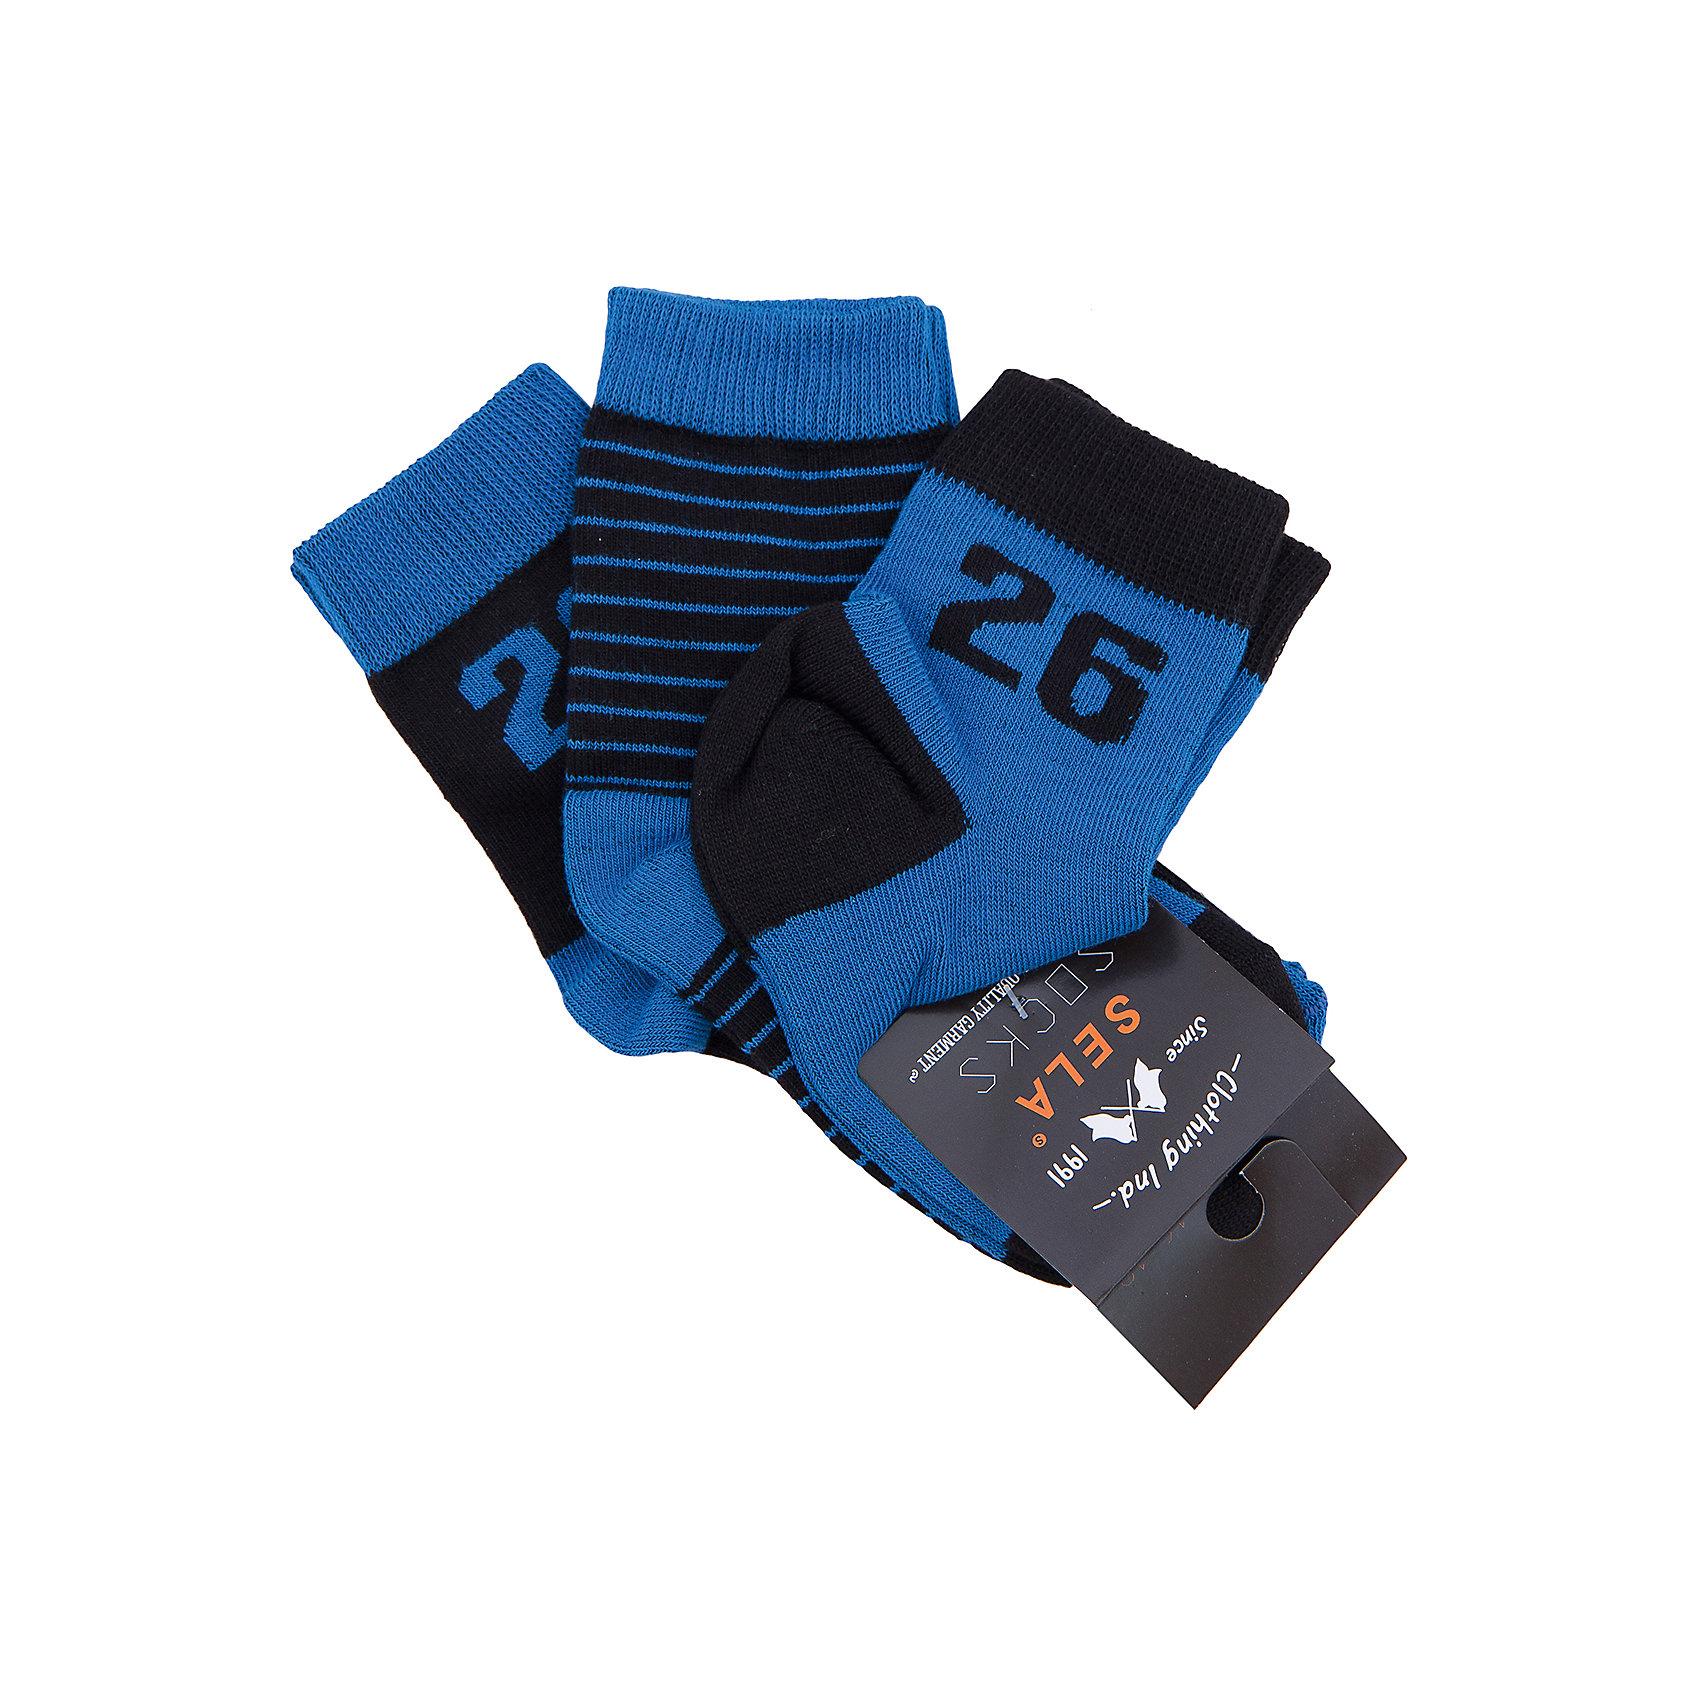 Носки  для мальчика, 3 пары SELAНоски для мальчика от известной марки SELА помогут согреть ноги ребенка. Удобный крой и качественный материал обеспечат мальчику комфорт при ношении этой вещи. <br>По верху изделия идет мягкая широкая резинка. Цвет - универсальный, очень практичный. В наборе - три пары носков различной расцветки, но в одной цветовой гамме.<br><br>Дополнительная информация:<br><br>материал: 74% хлопок, 22% ПЭ, 2% ПА, 2% эластан;<br>цвет: серый;<br>комплектация - 3 пары;<br>мягкая широкая резинка;<br>уход за изделием: стирка в машине при температуре до 30°С, не отбеливать, гладить при низкой температуре.<br><br>Носки для мальчика от бренда SELА (Села) можно купить в нашем магазине.<br><br>Ширина мм: 87<br>Глубина мм: 10<br>Высота мм: 105<br>Вес г: 115<br>Цвет: голубой<br>Возраст от месяцев: 60<br>Возраст до месяцев: 72<br>Пол: Мужской<br>Возраст: Детский<br>Размер: 20,14,16,18<br>SKU: 4740997